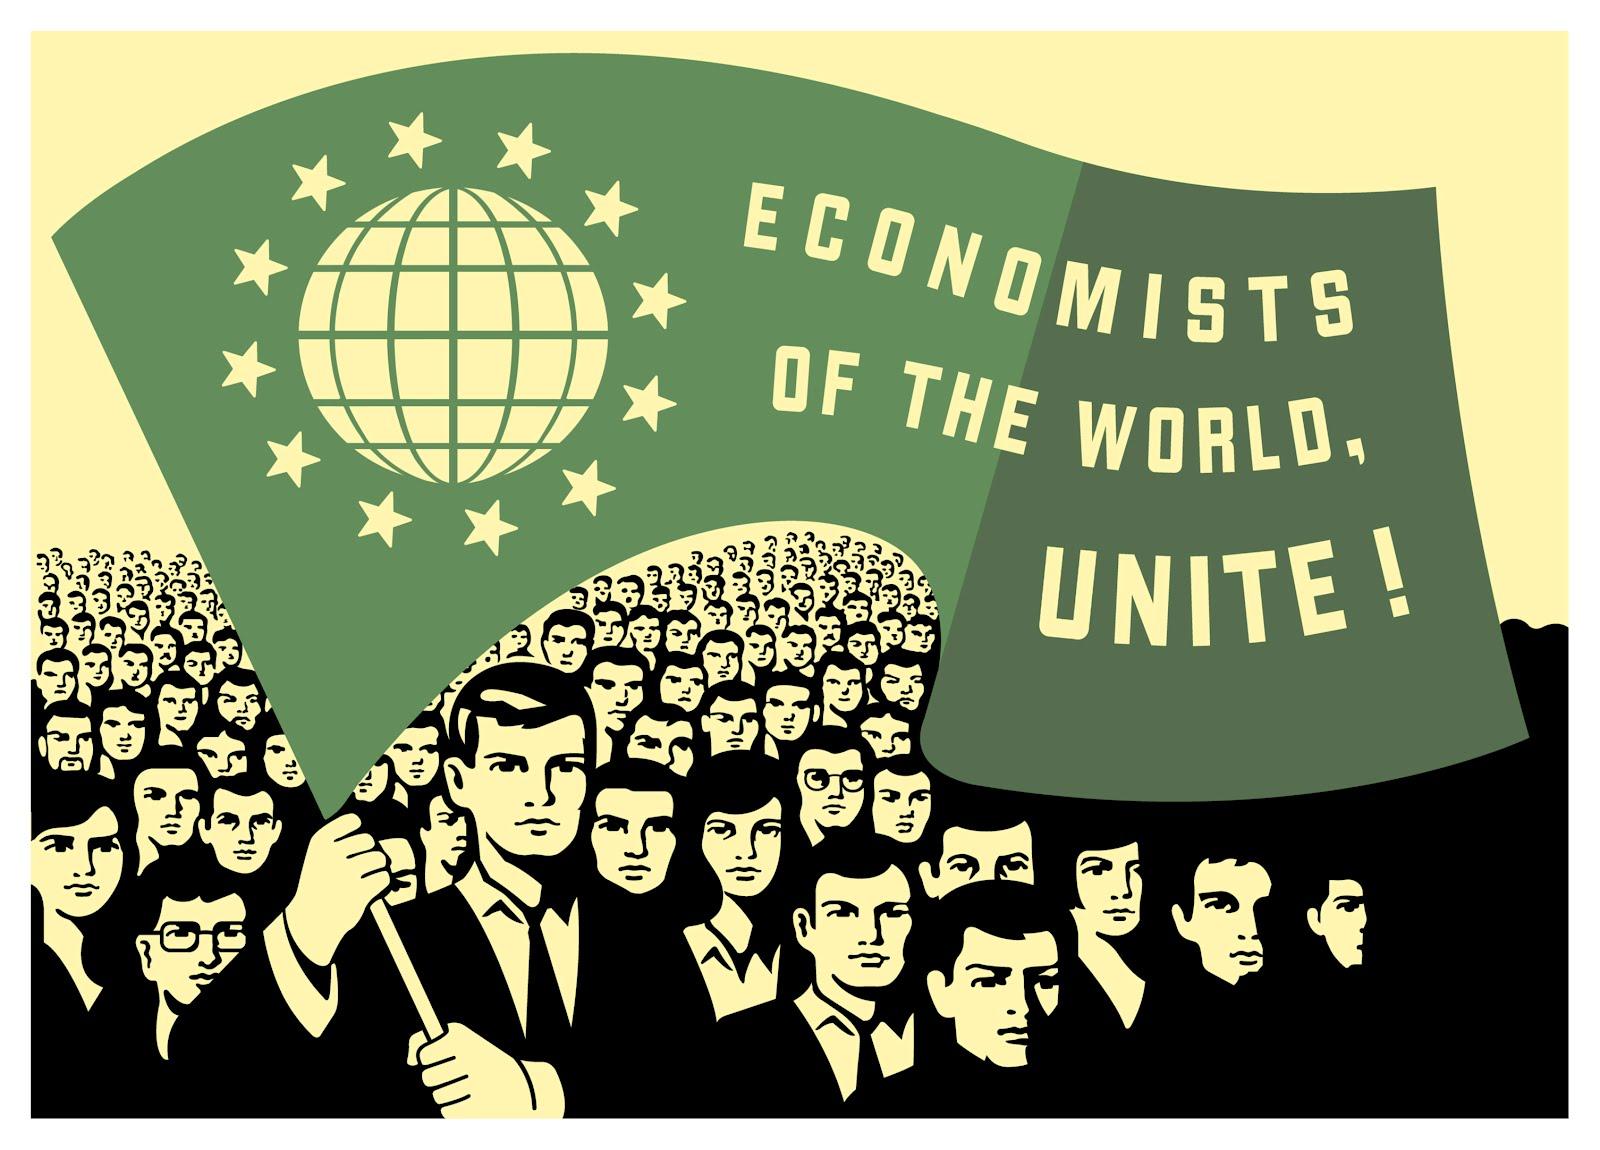 2018年中国社科院新增选的学部委员中,有哪几位经济学者?